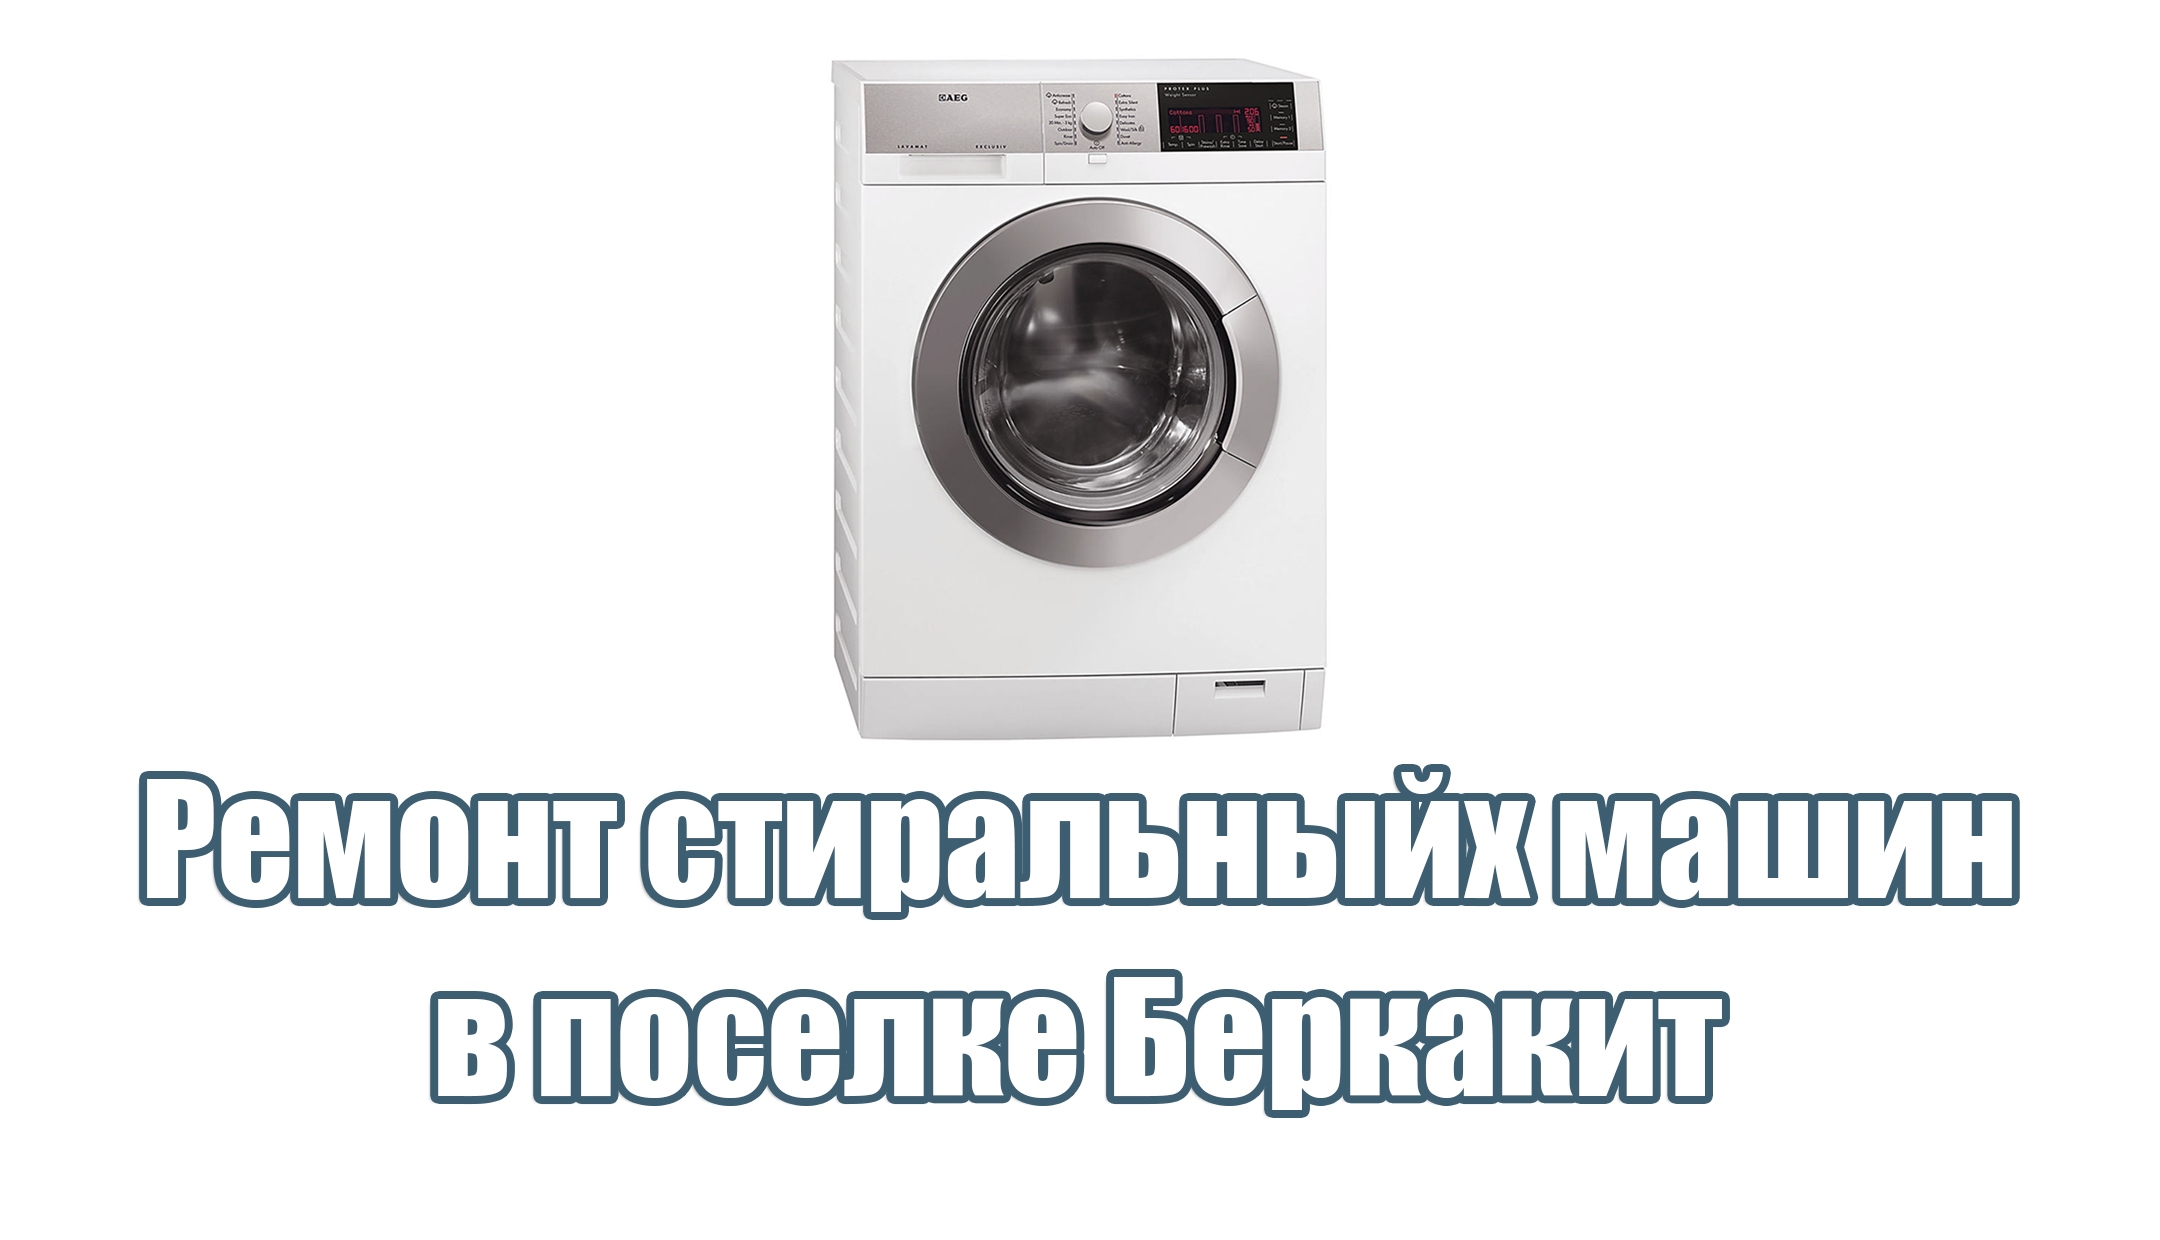 Ремонт стиральных машин в Беркаките